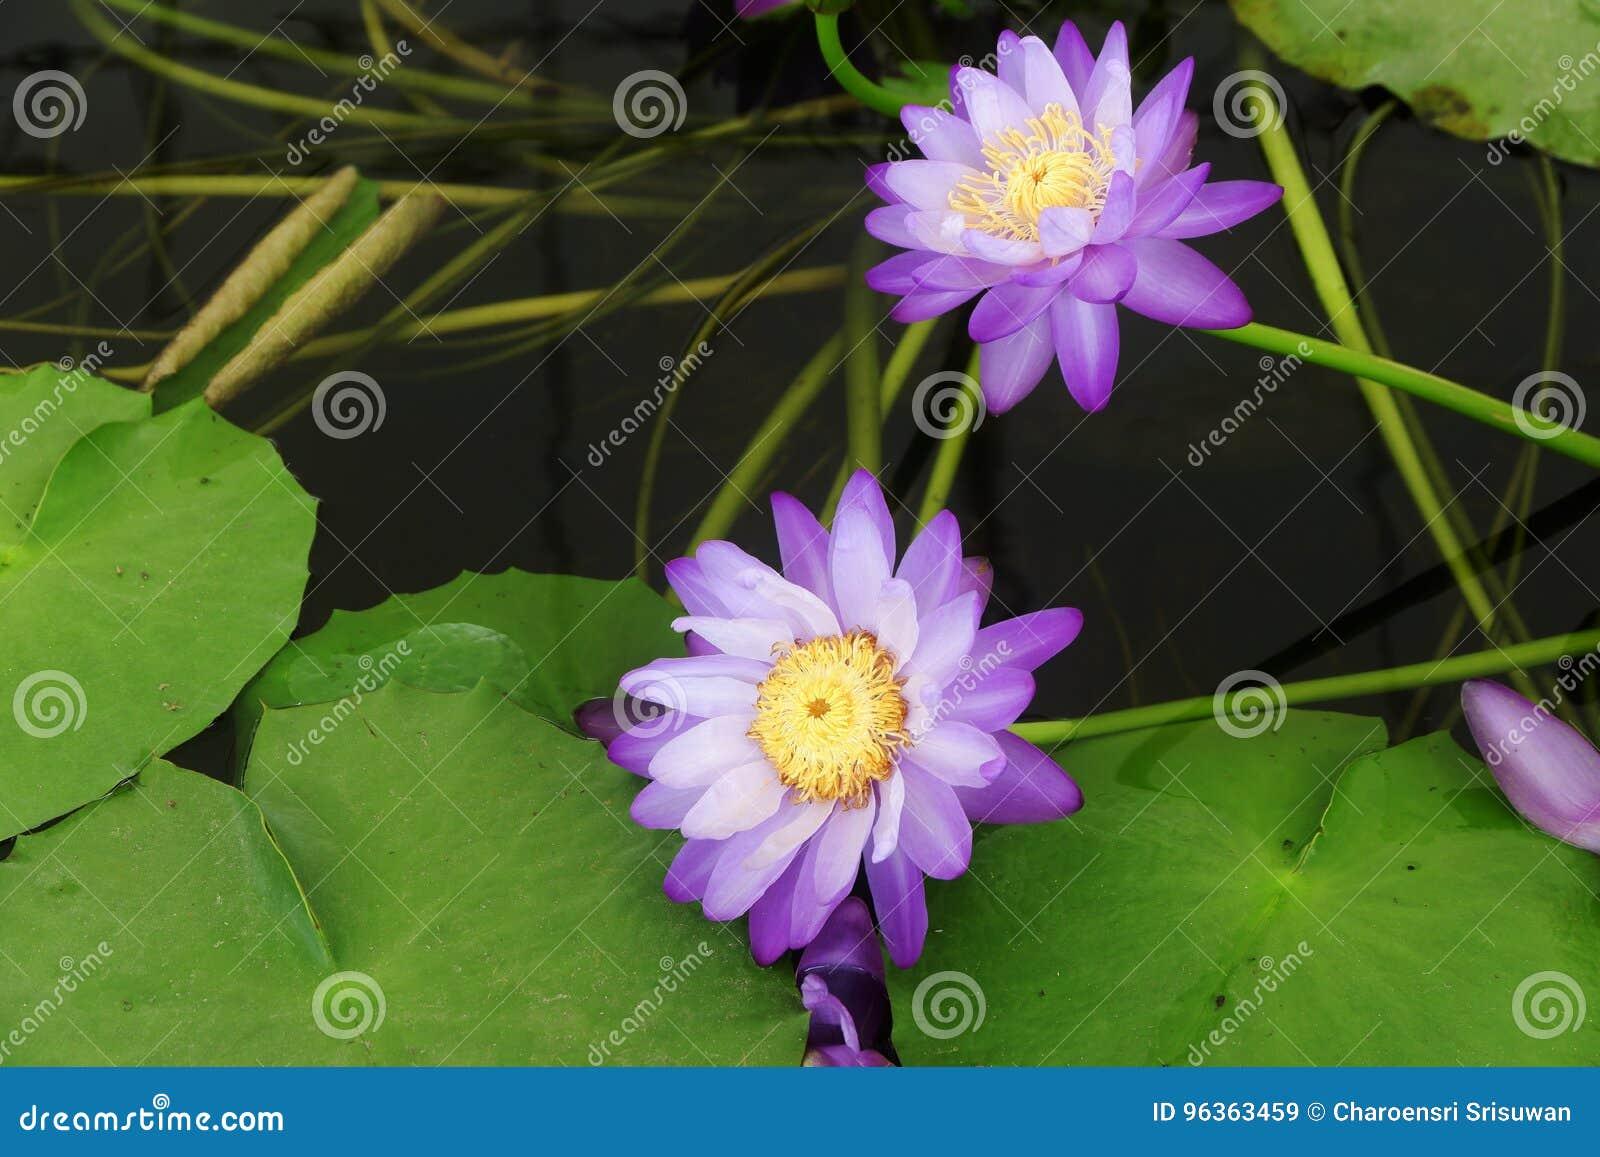 Signification Spirituelle De Beau Lotus Pourpre De Couleur Image